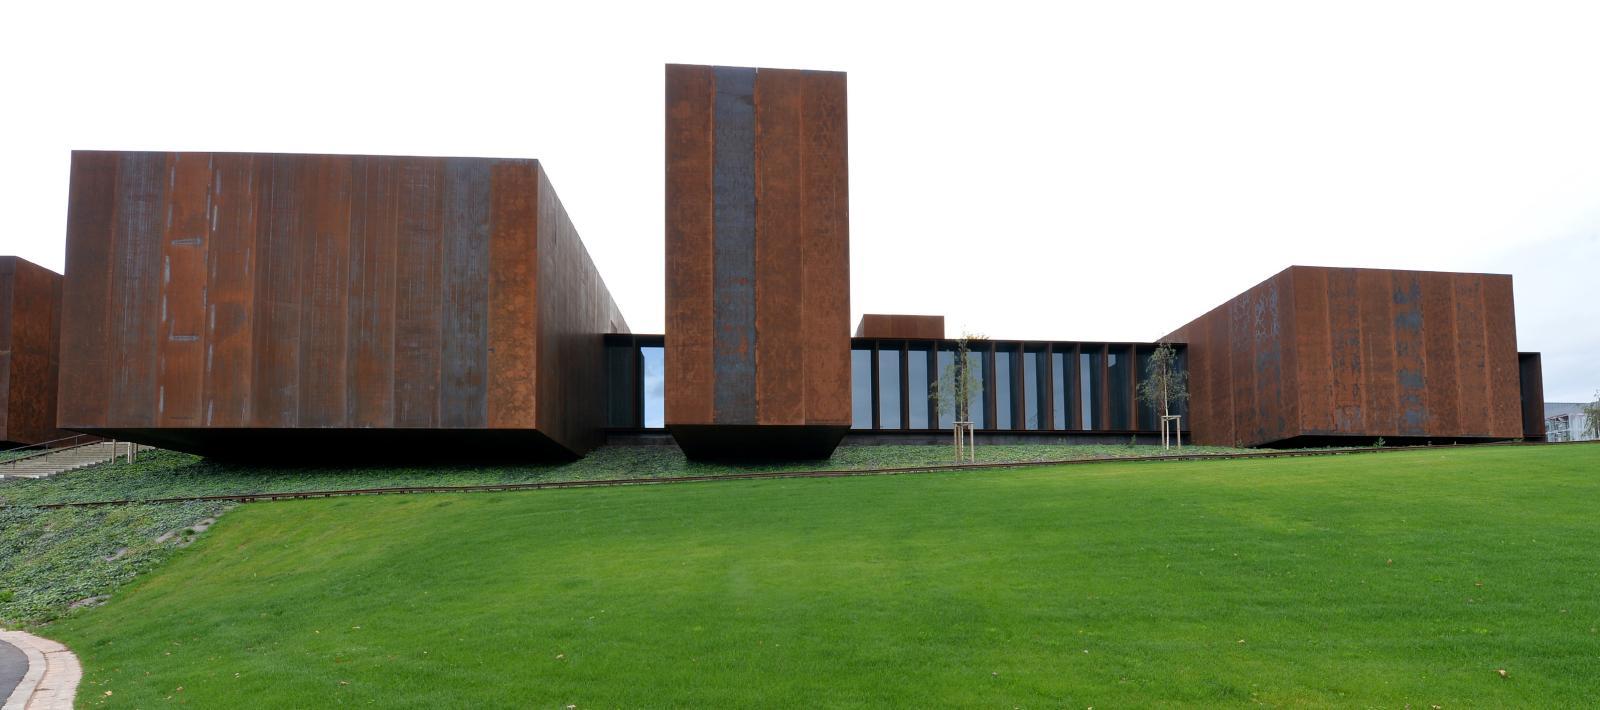 Élégant édifice d'acier Corten, le musée est l'œuvre du collectif catalan RCR Arquitectes, couronné du prix Pritzker 2017. ©RCR - Photothèque Rodez A